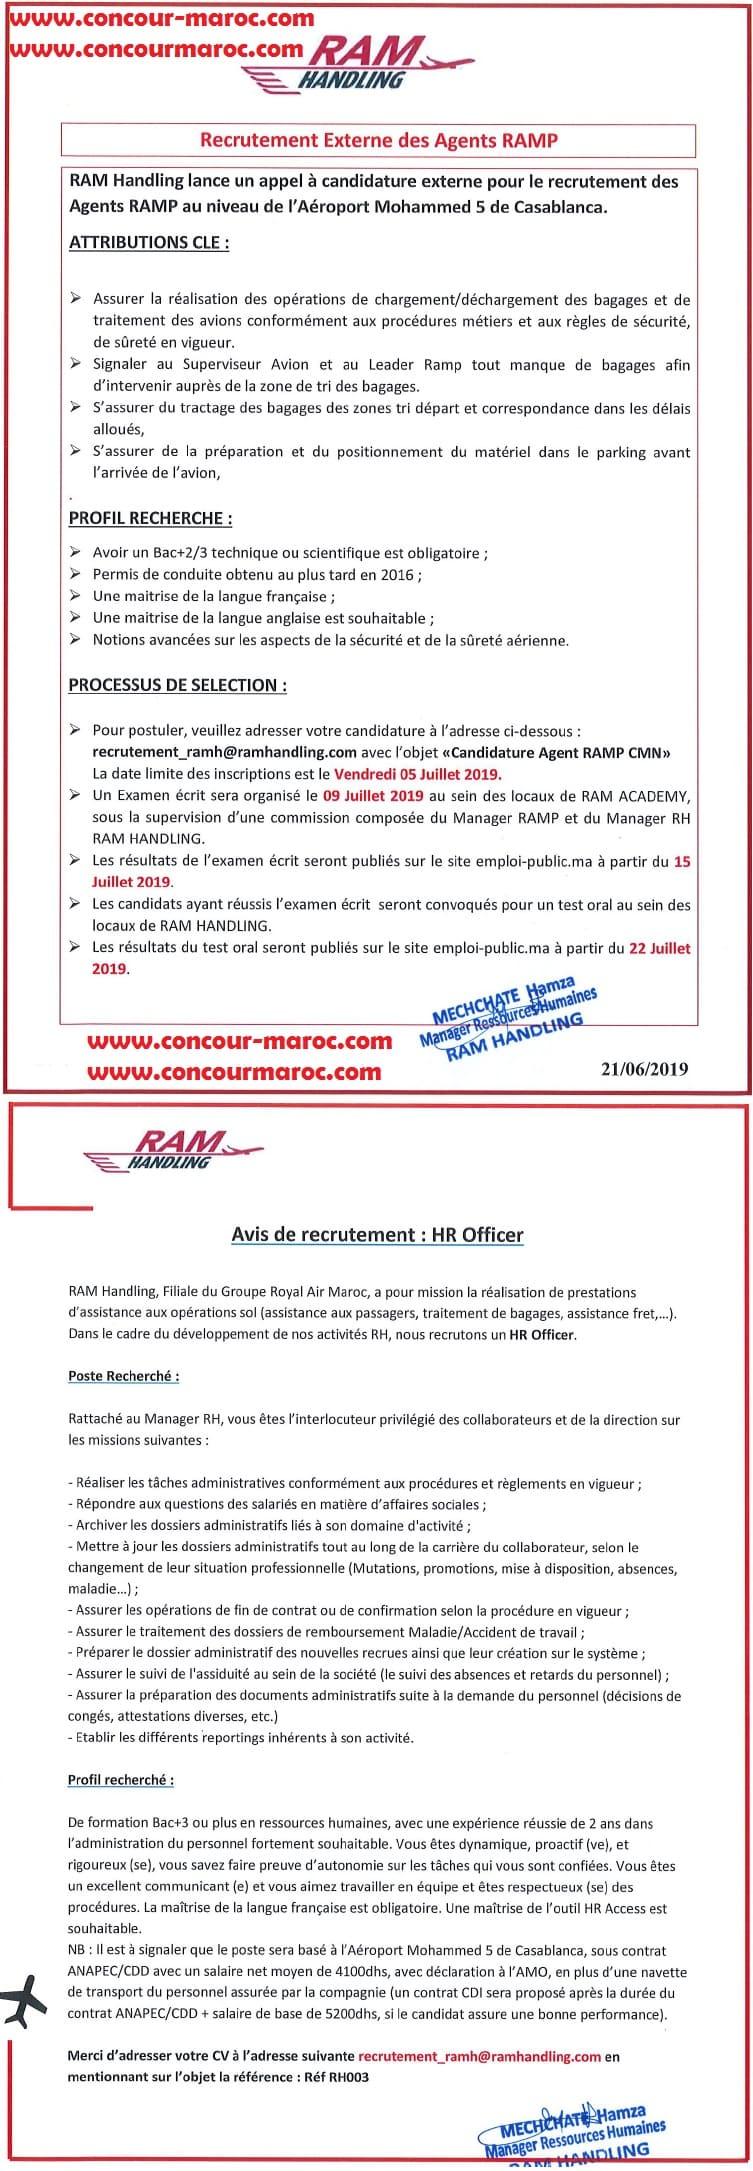 شركة رام هندلينغ فرع الخطوط الملكية المغربية : مباراة لتوظيف 14 عون المناولة الأرضية و 02 موظف الموارد البشرية قبل 5 يوليوز 2019 A_acao10